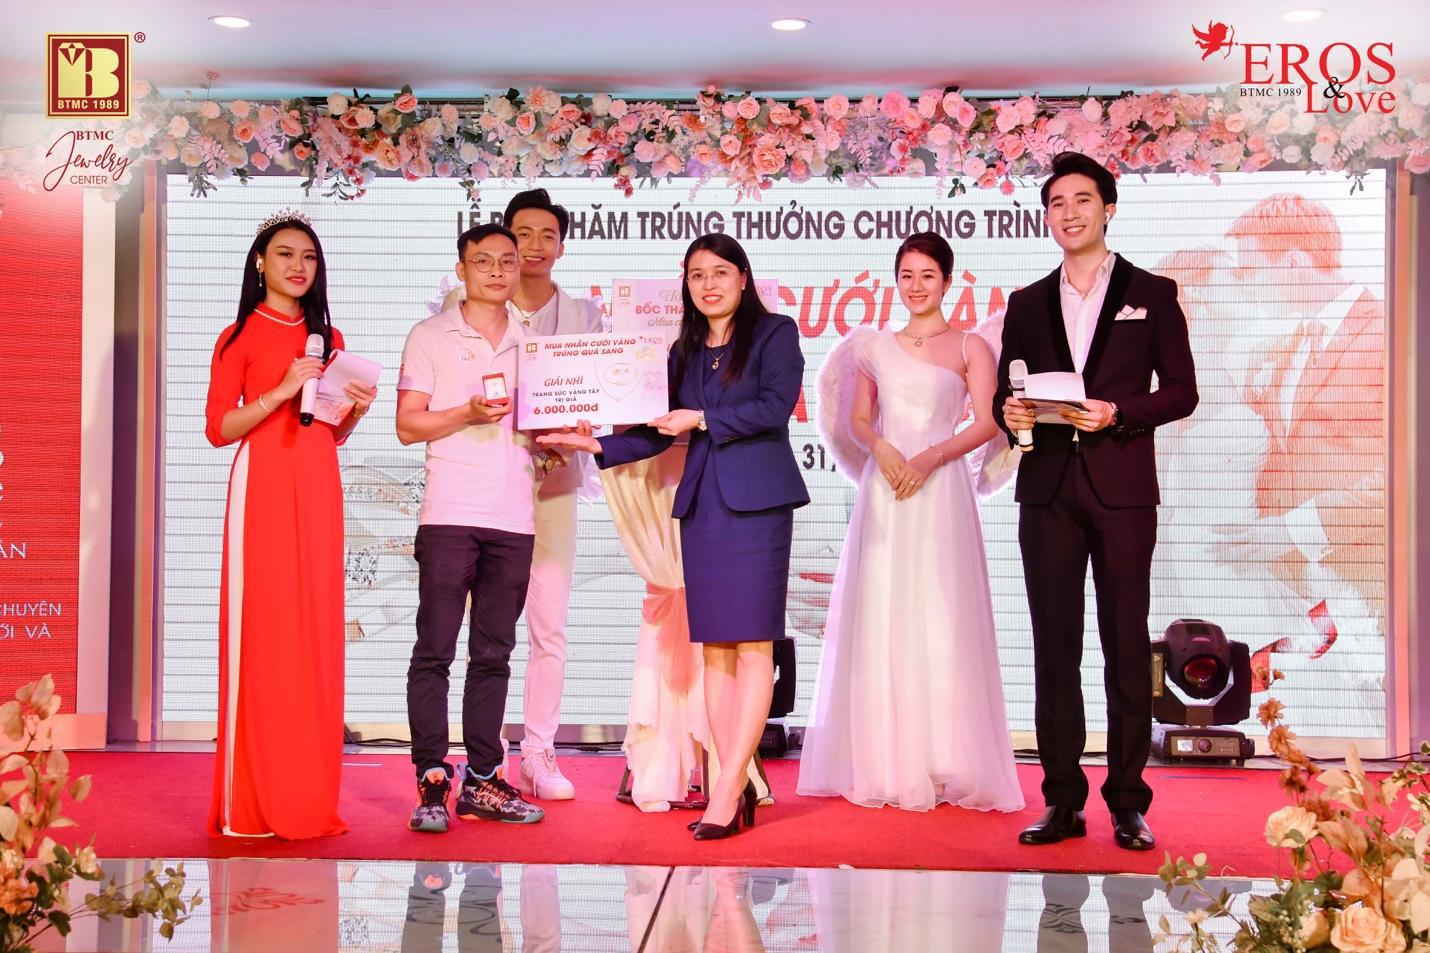 Bảo Tín Minh Châu bốc thăm và trao giải thưởng mùa cưới 2020 - 2021 đợt 2 - Ảnh 4.